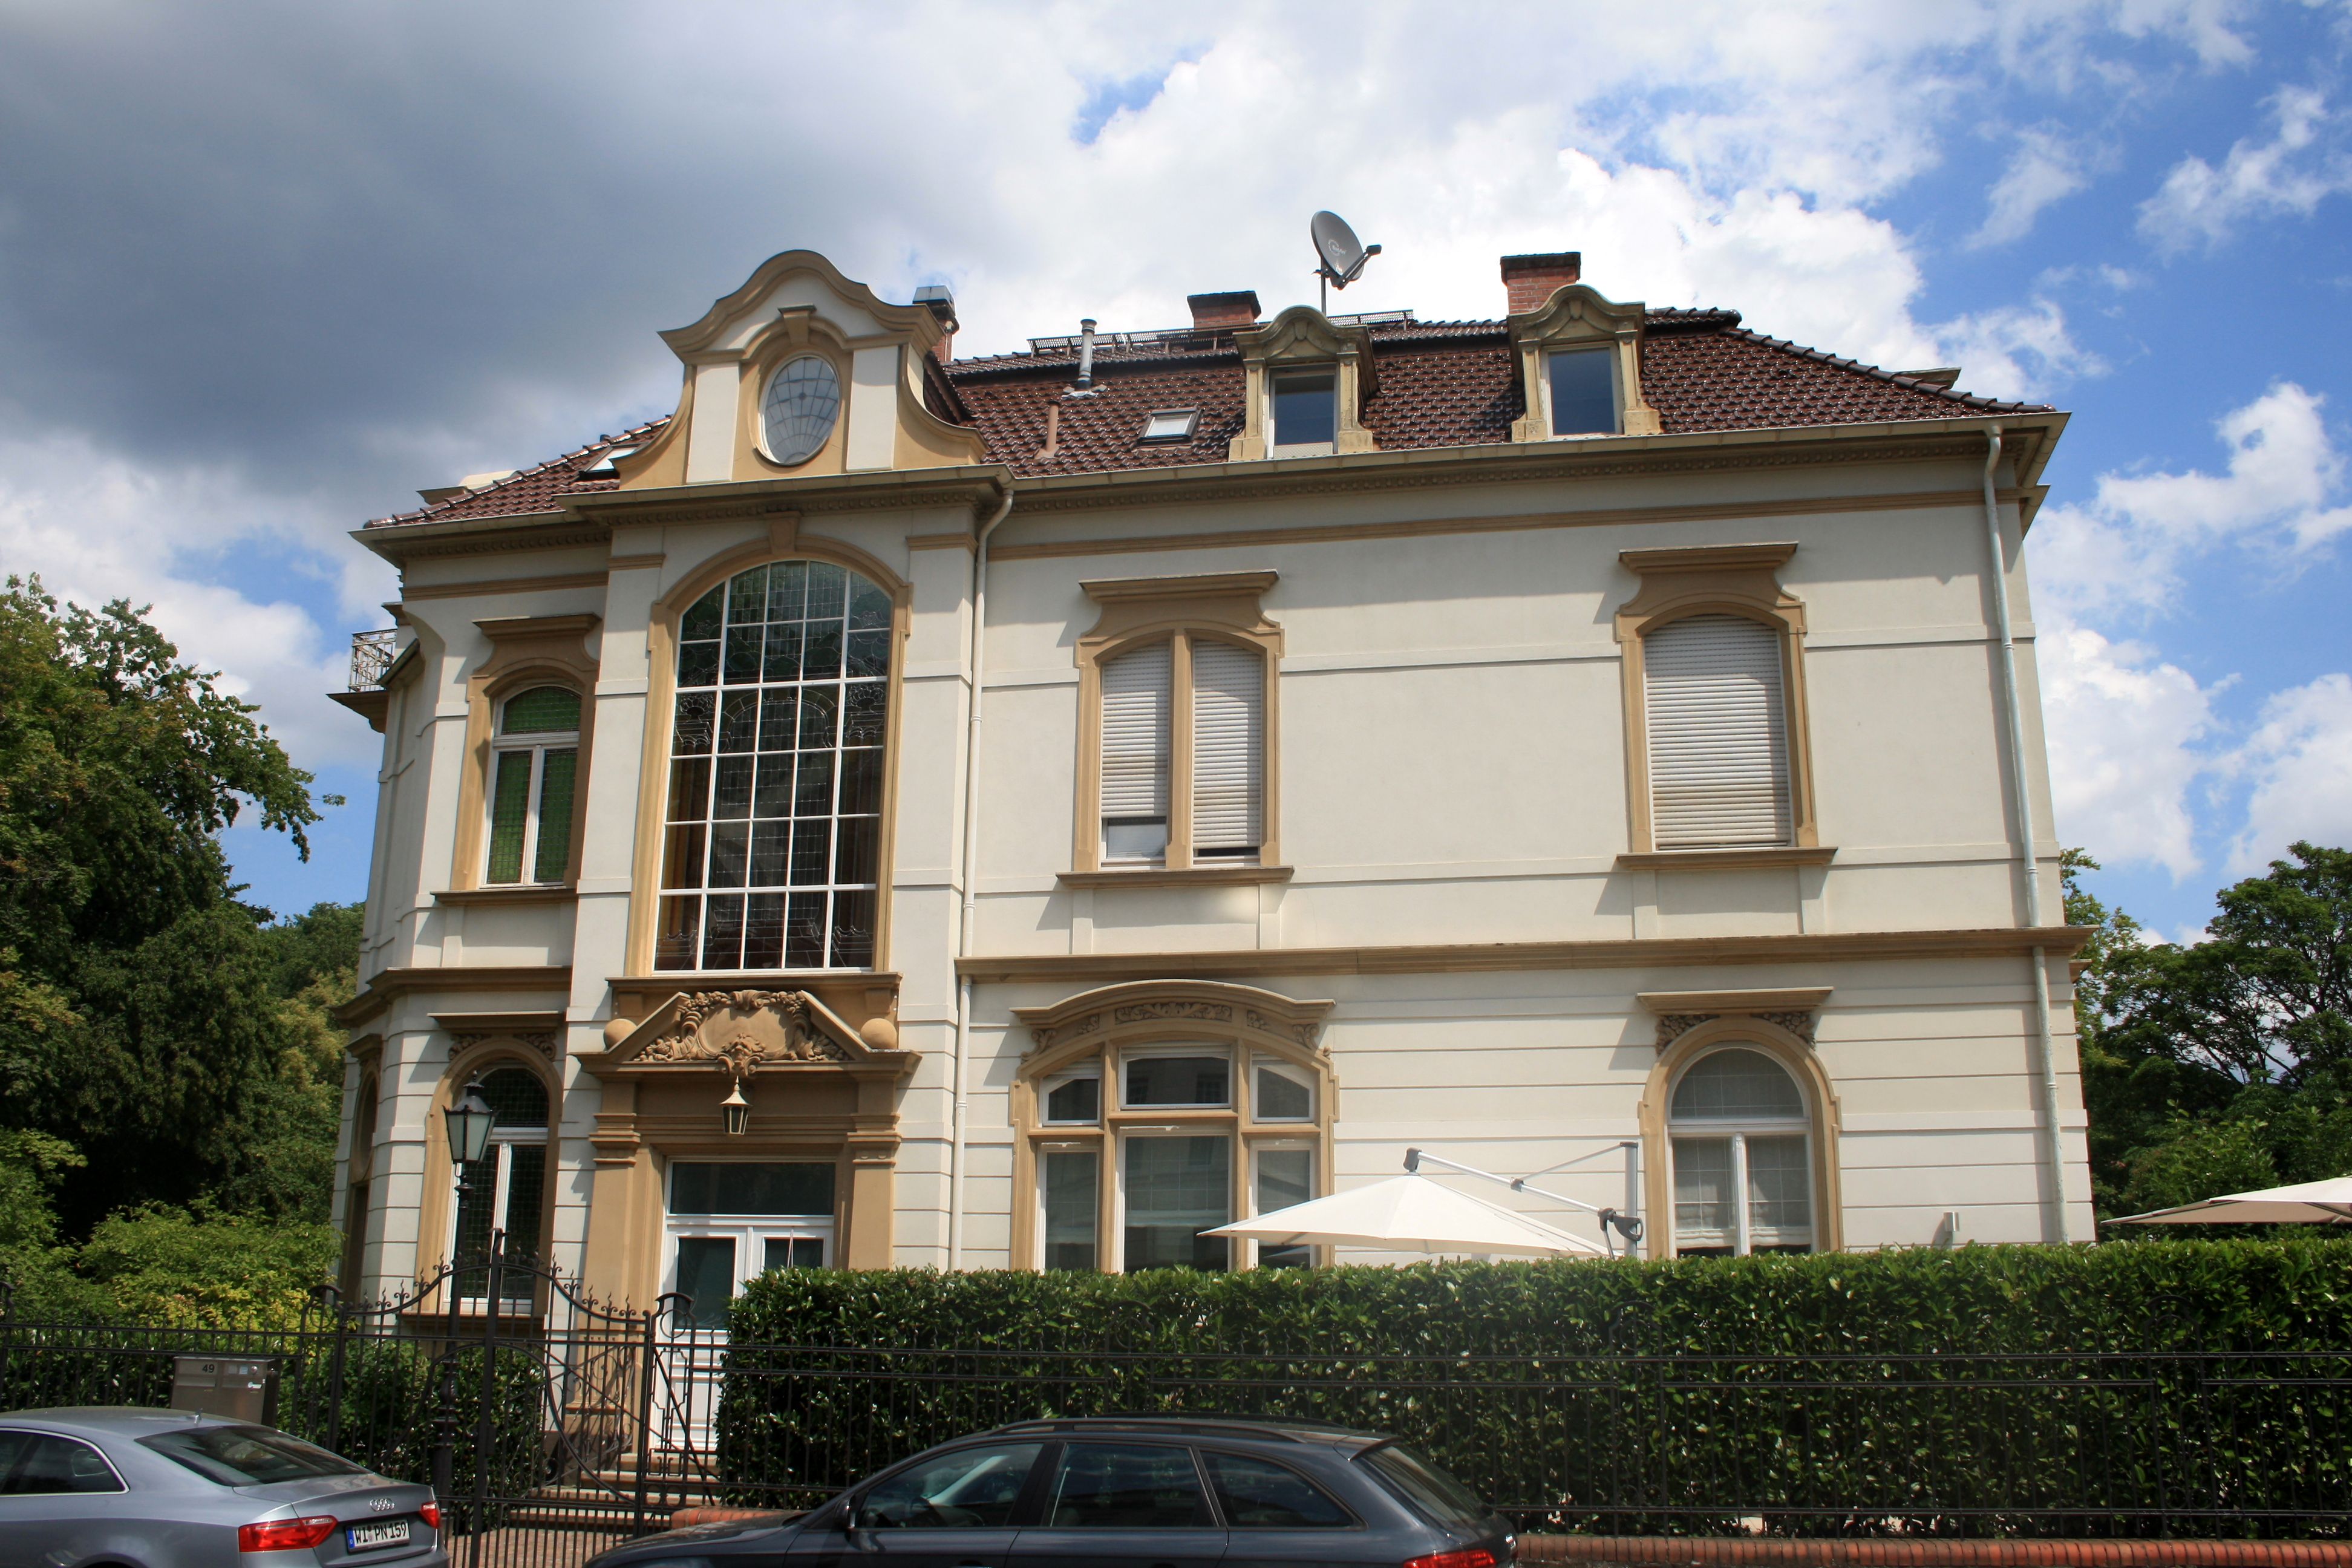 Bb Wiesbaden file wiesbaden wilhelminenstr 49 jpg wikimedia commons